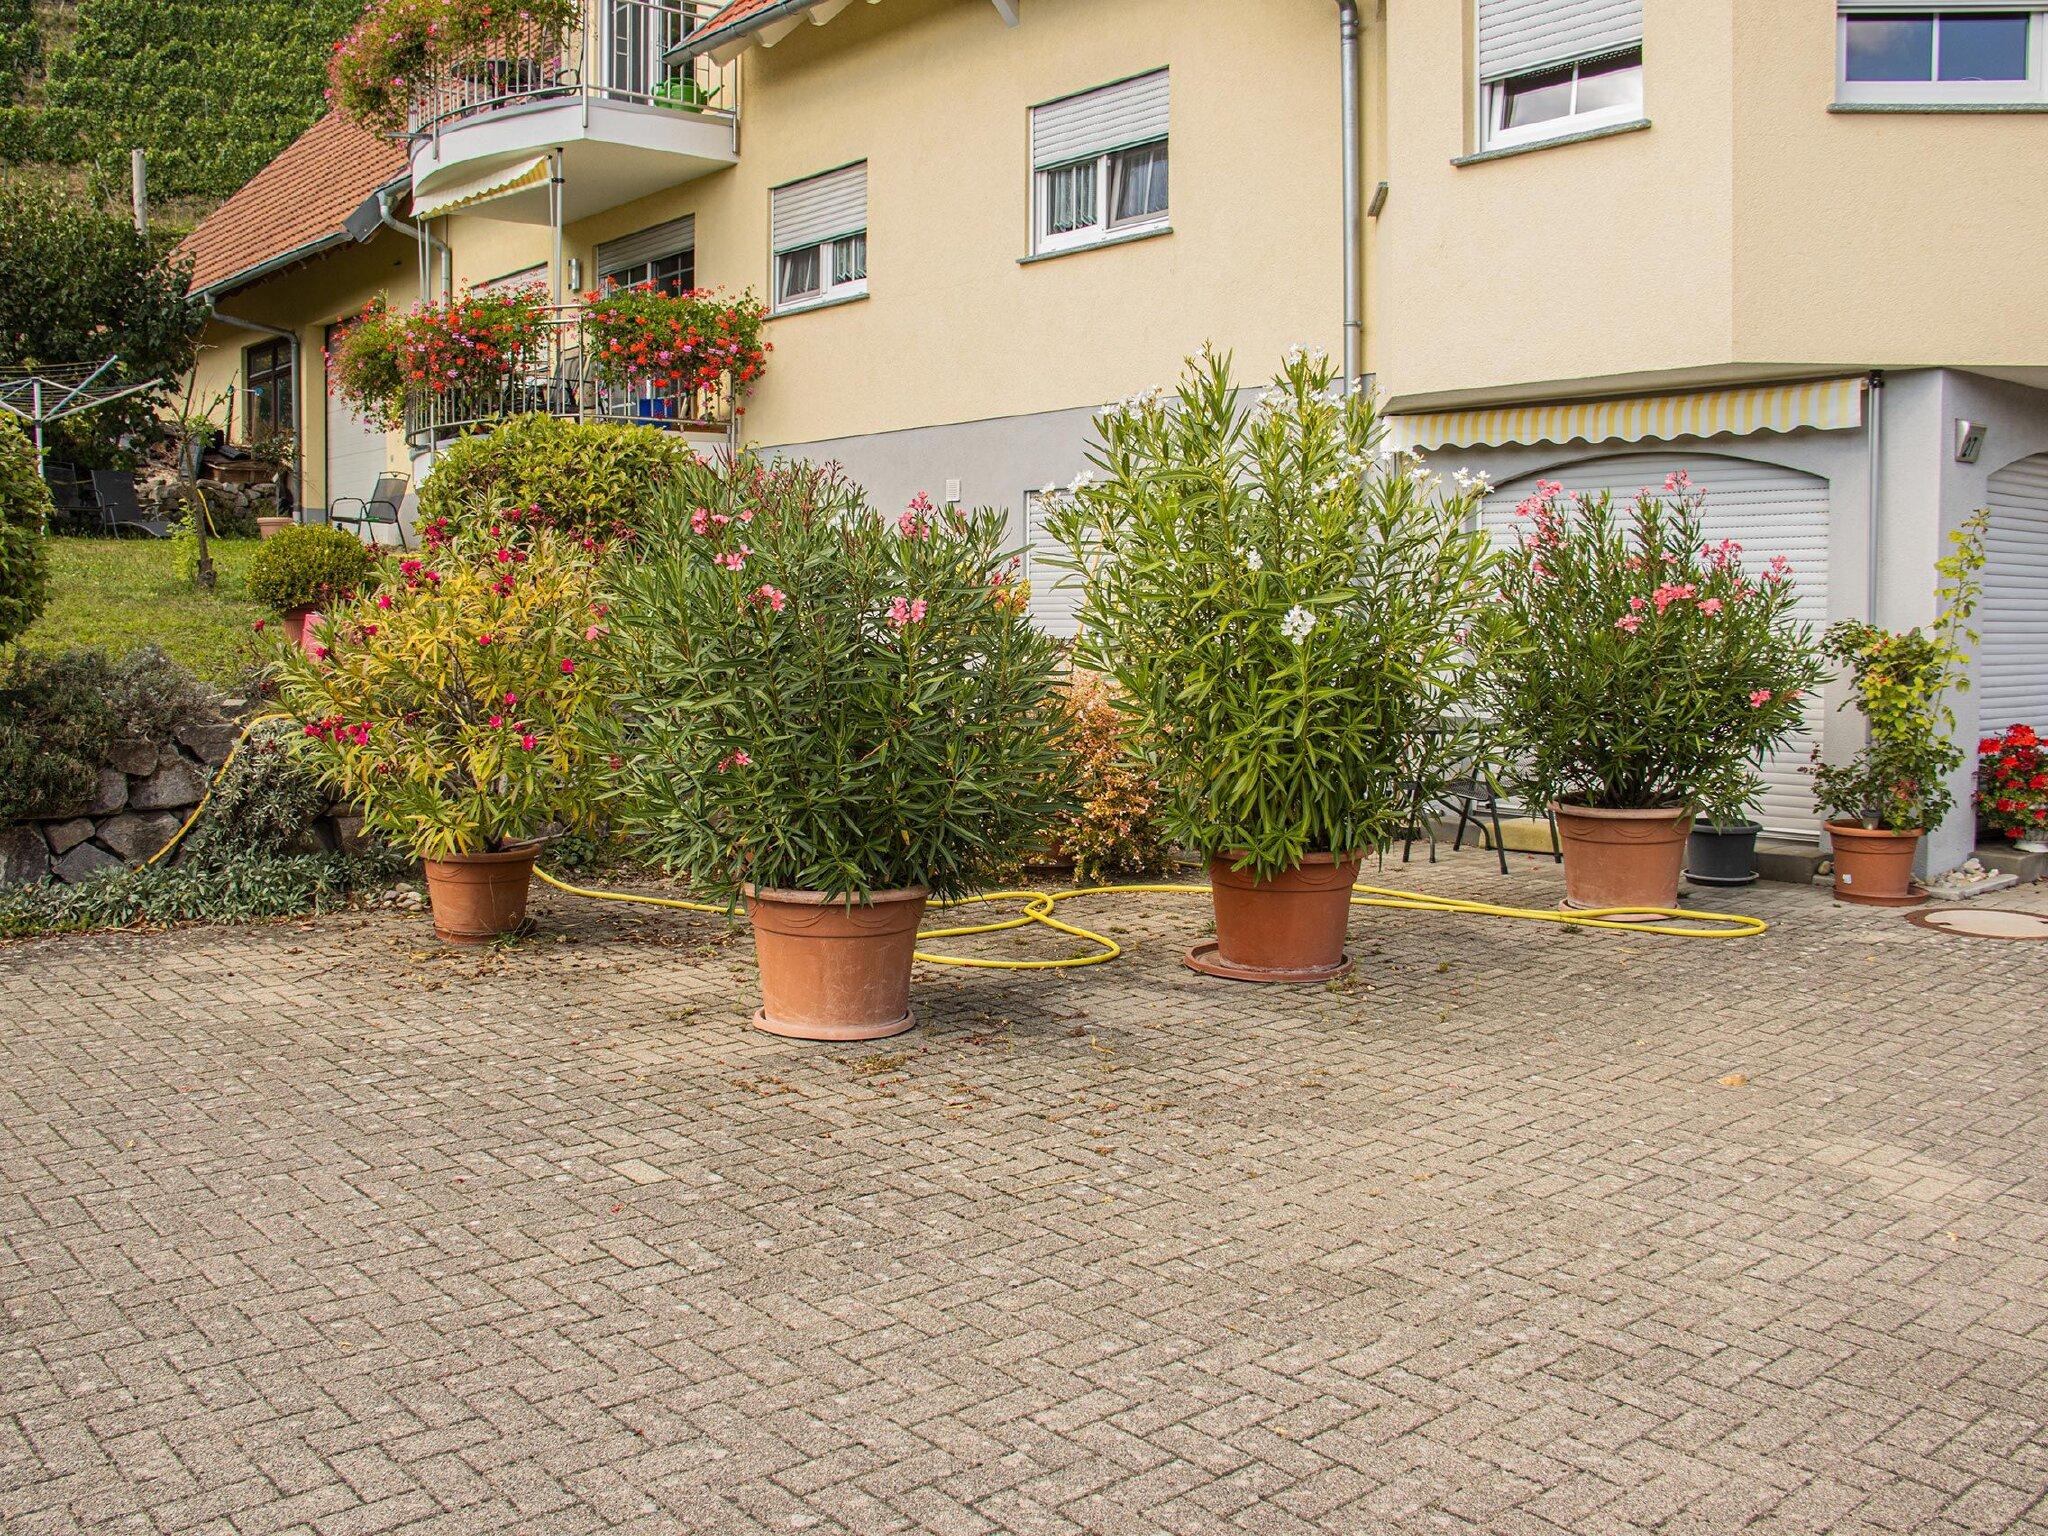 Ferienhof Mayer-Frontseite